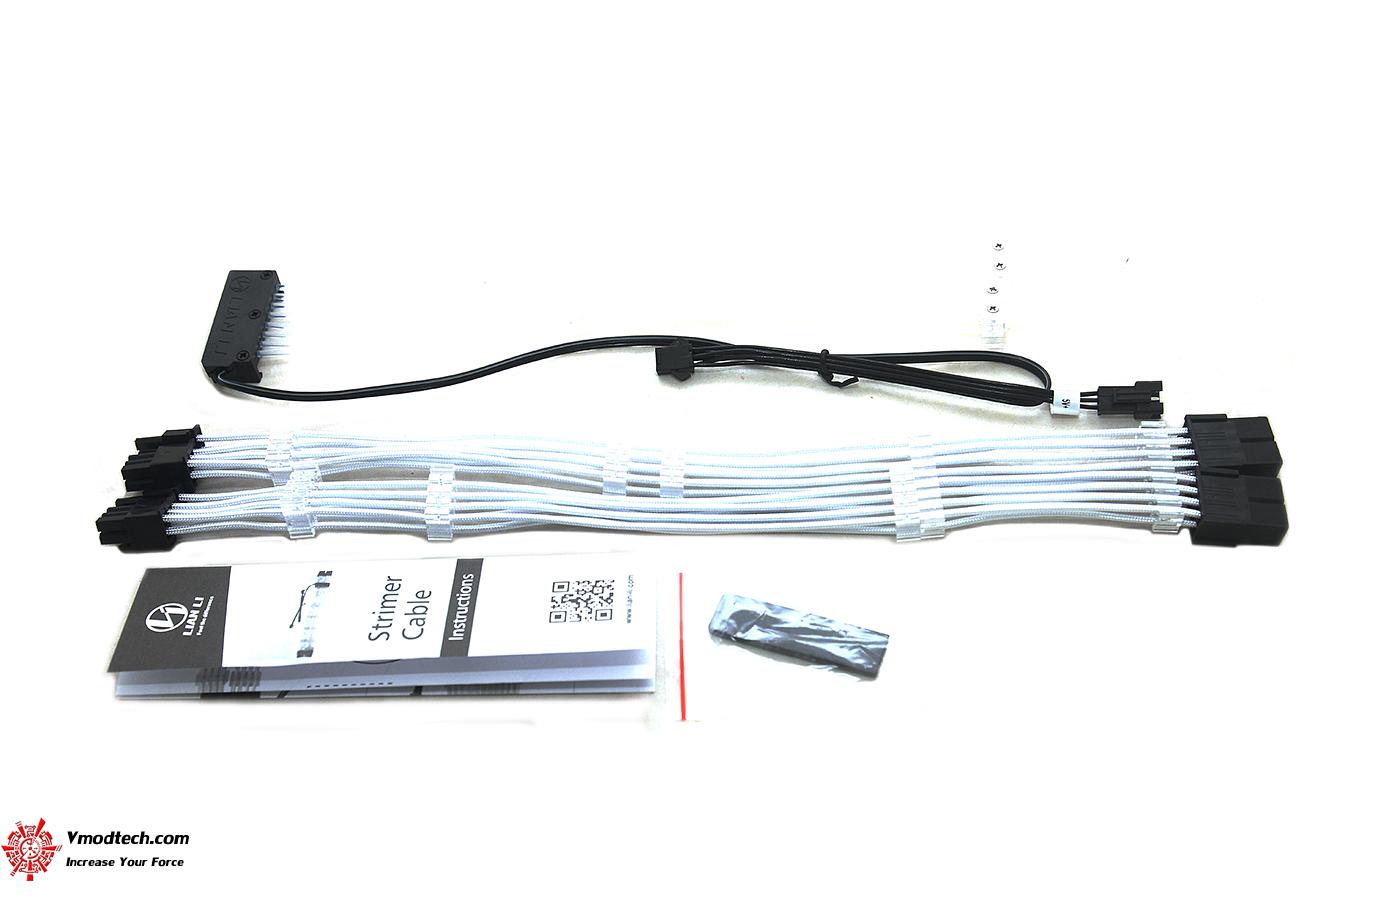 dsc 8720 Lian Li Strimer 8Pin RGB Cable Review